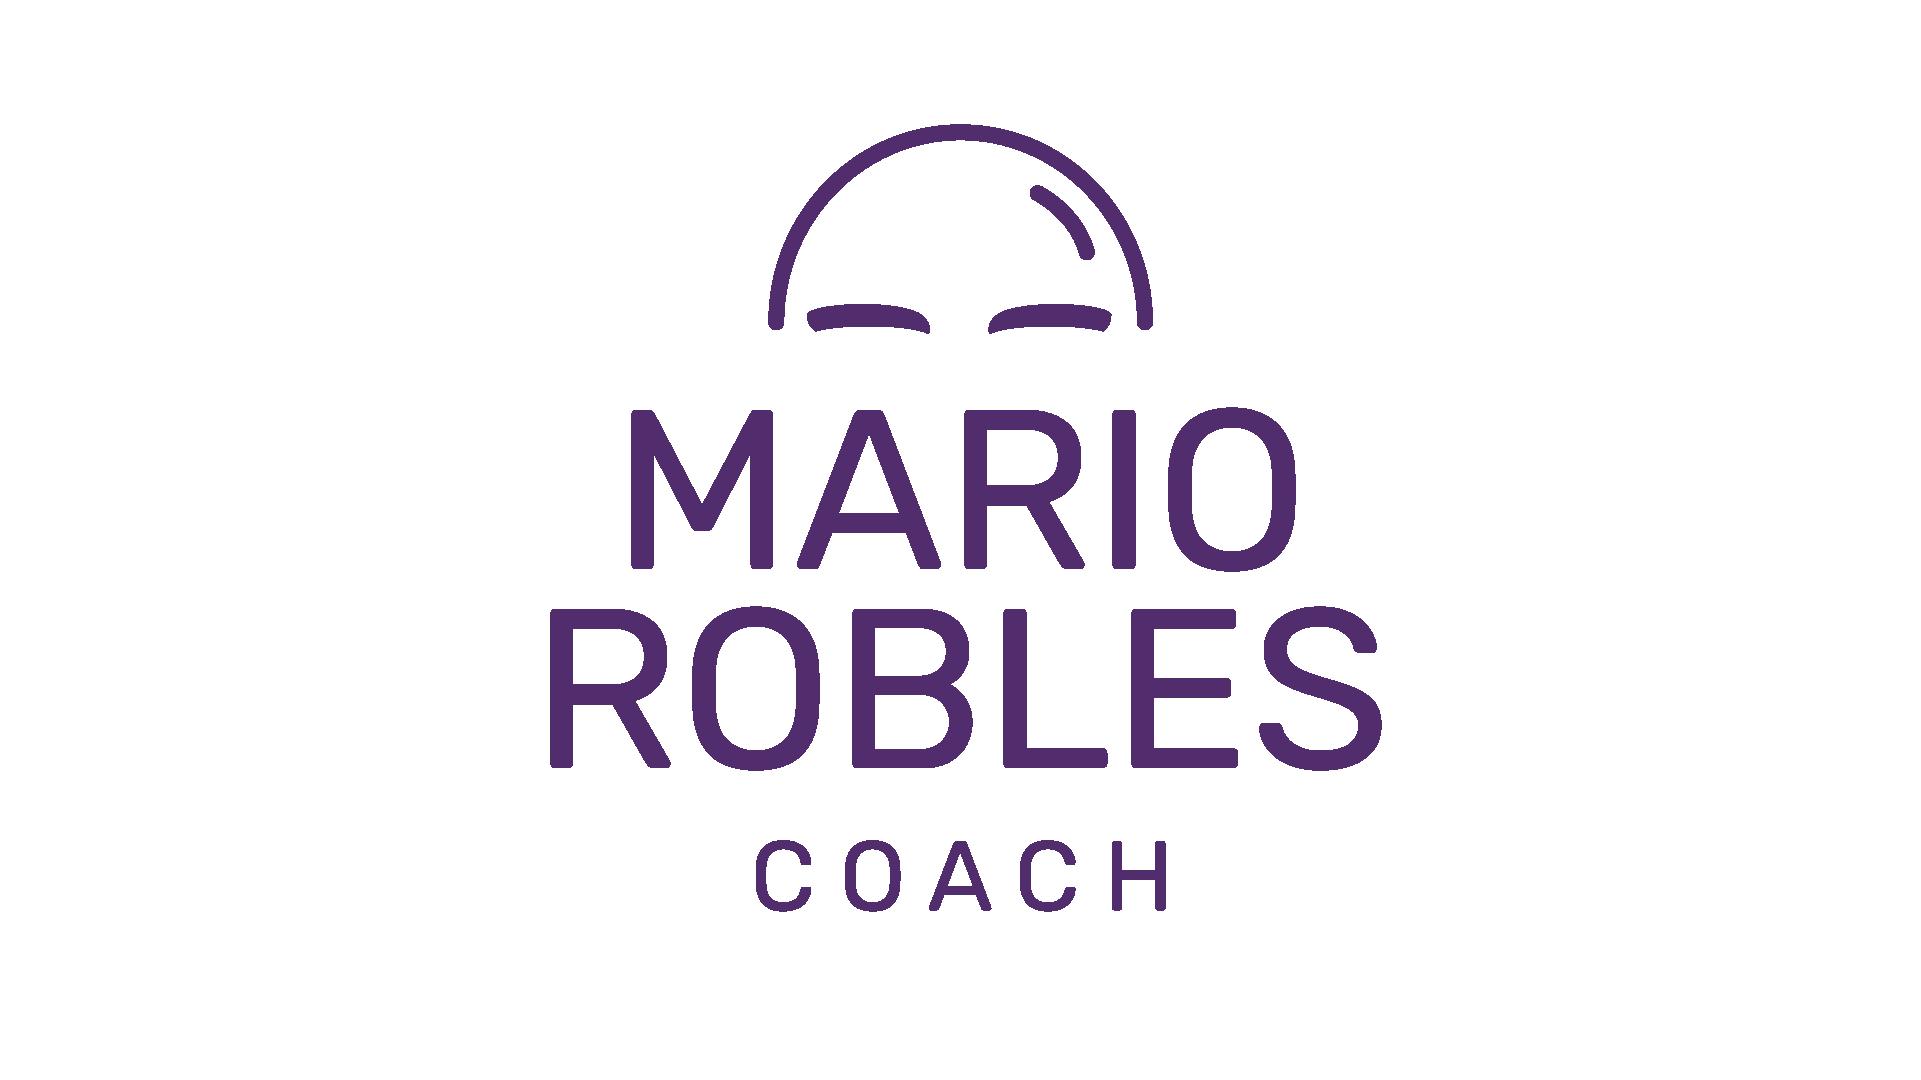 Mario Robles Coach